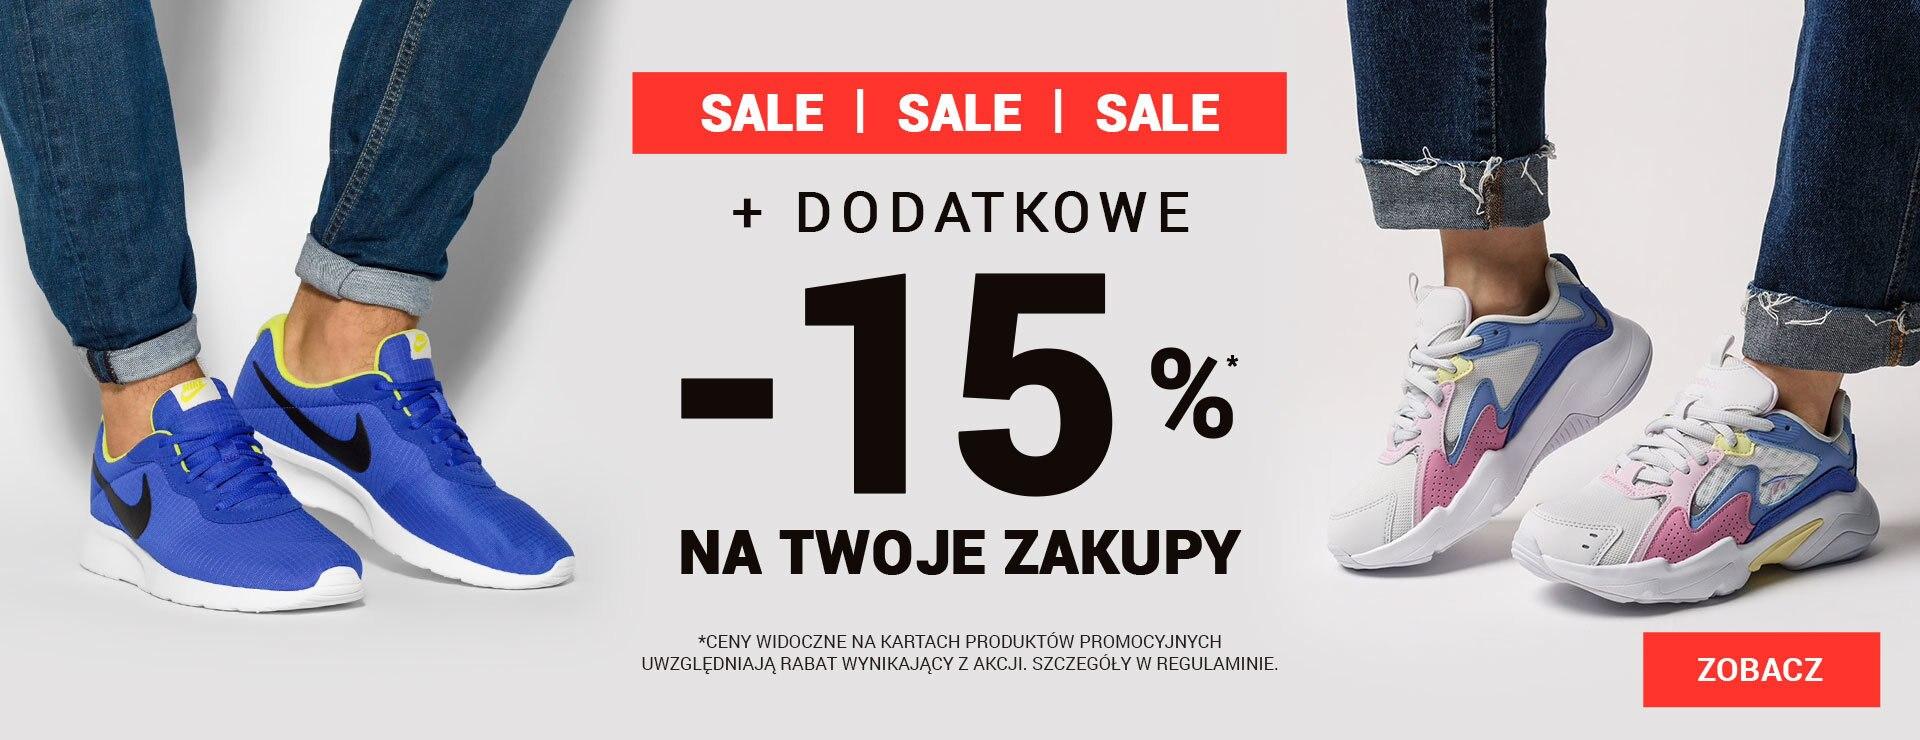 ButySportowe.pl: dodatkowe 15% zniżki do 70% wyprzedaży                         title=